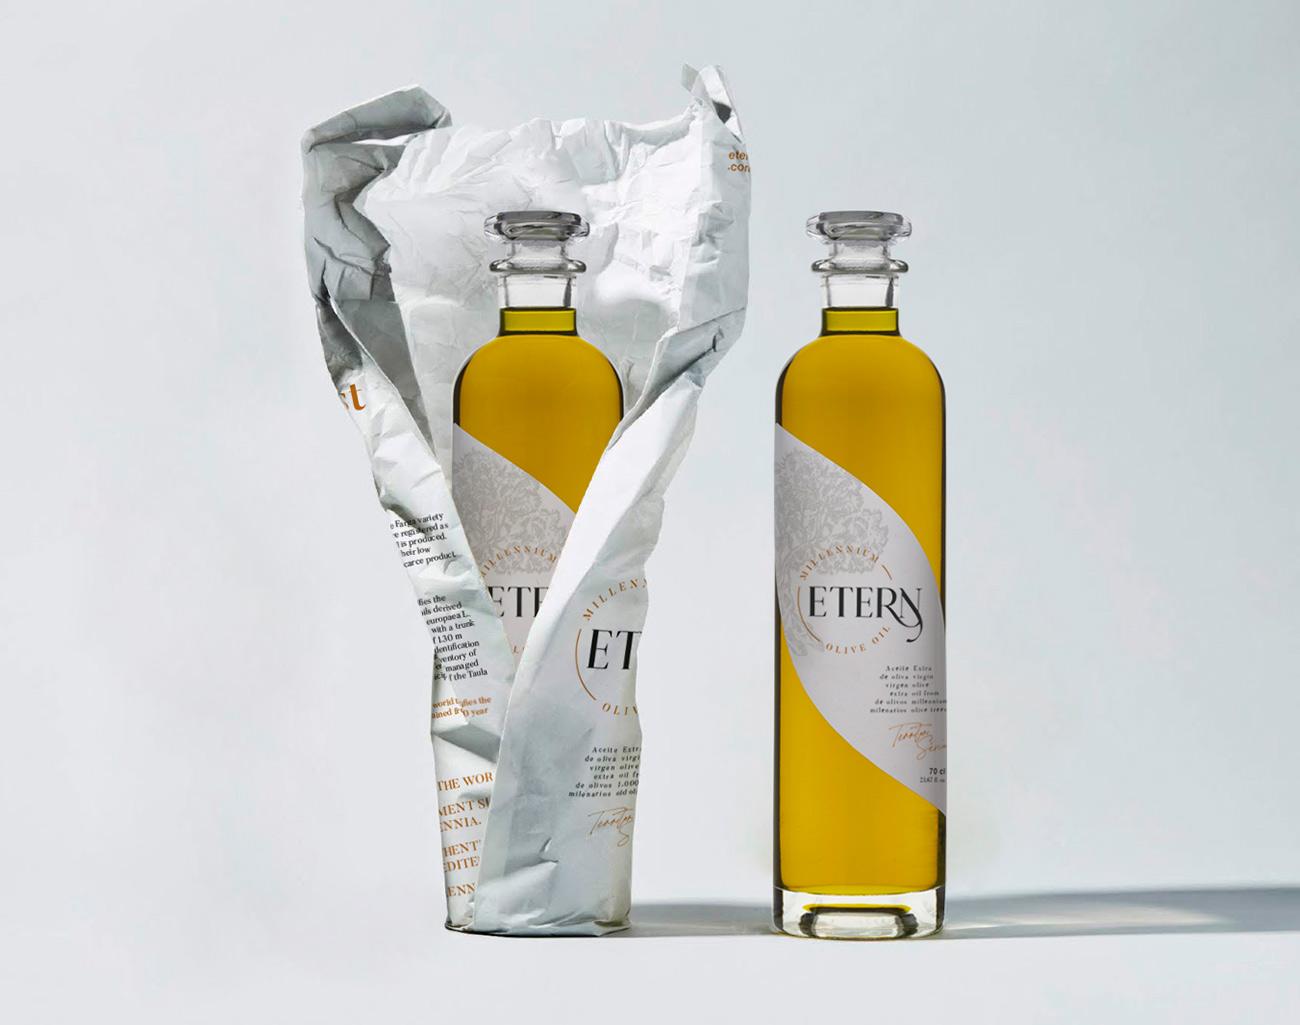 etern-1